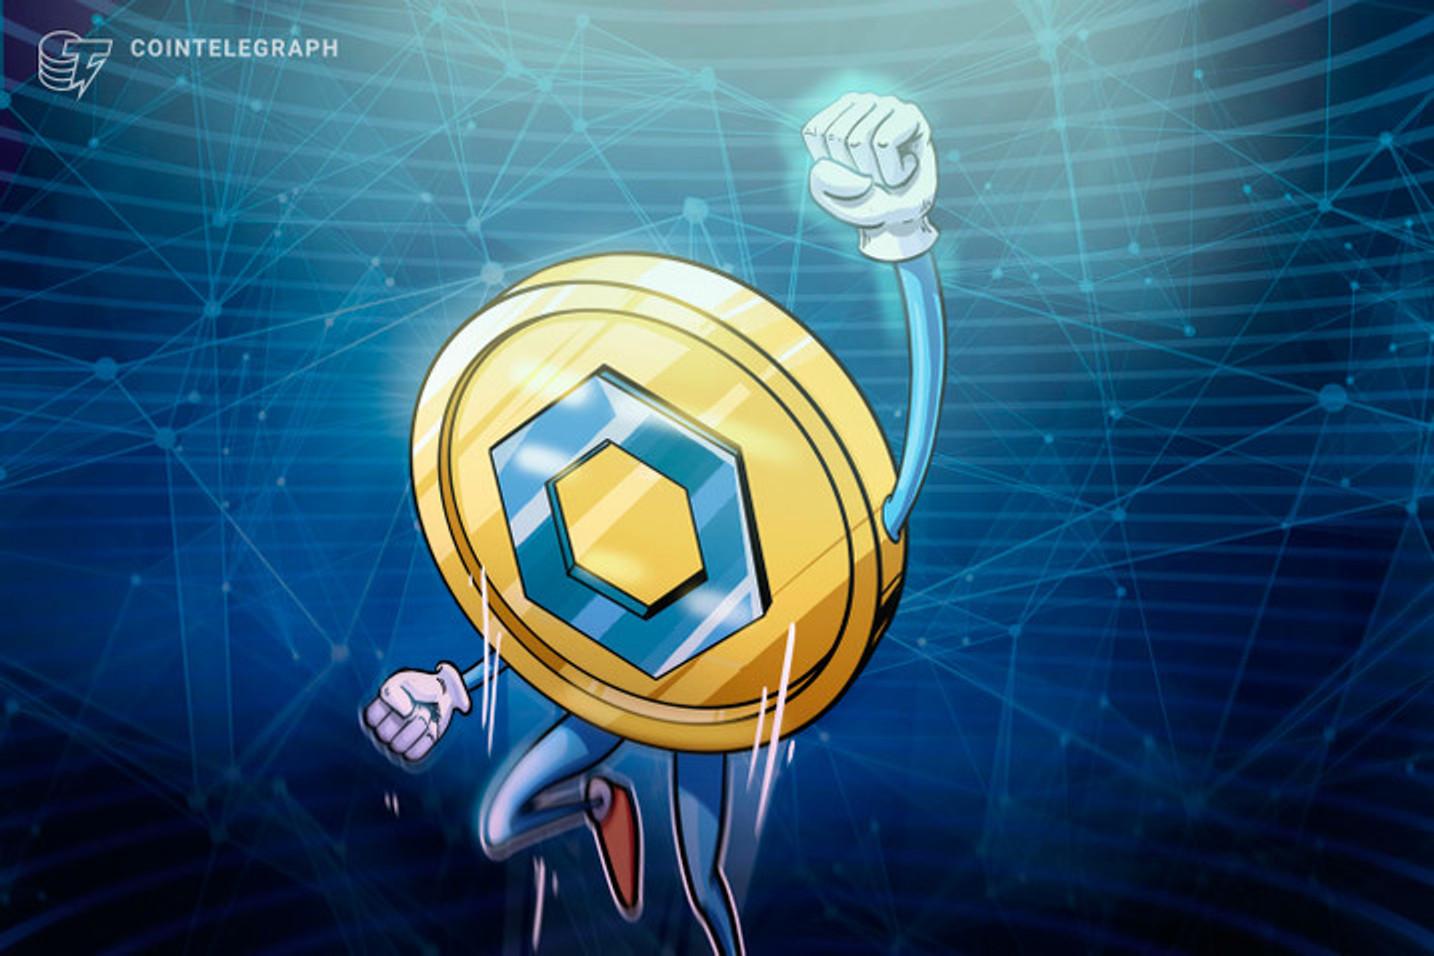 Chainlink segue em disparada - a criptomoeda pode enfrentar o Bitcoin?